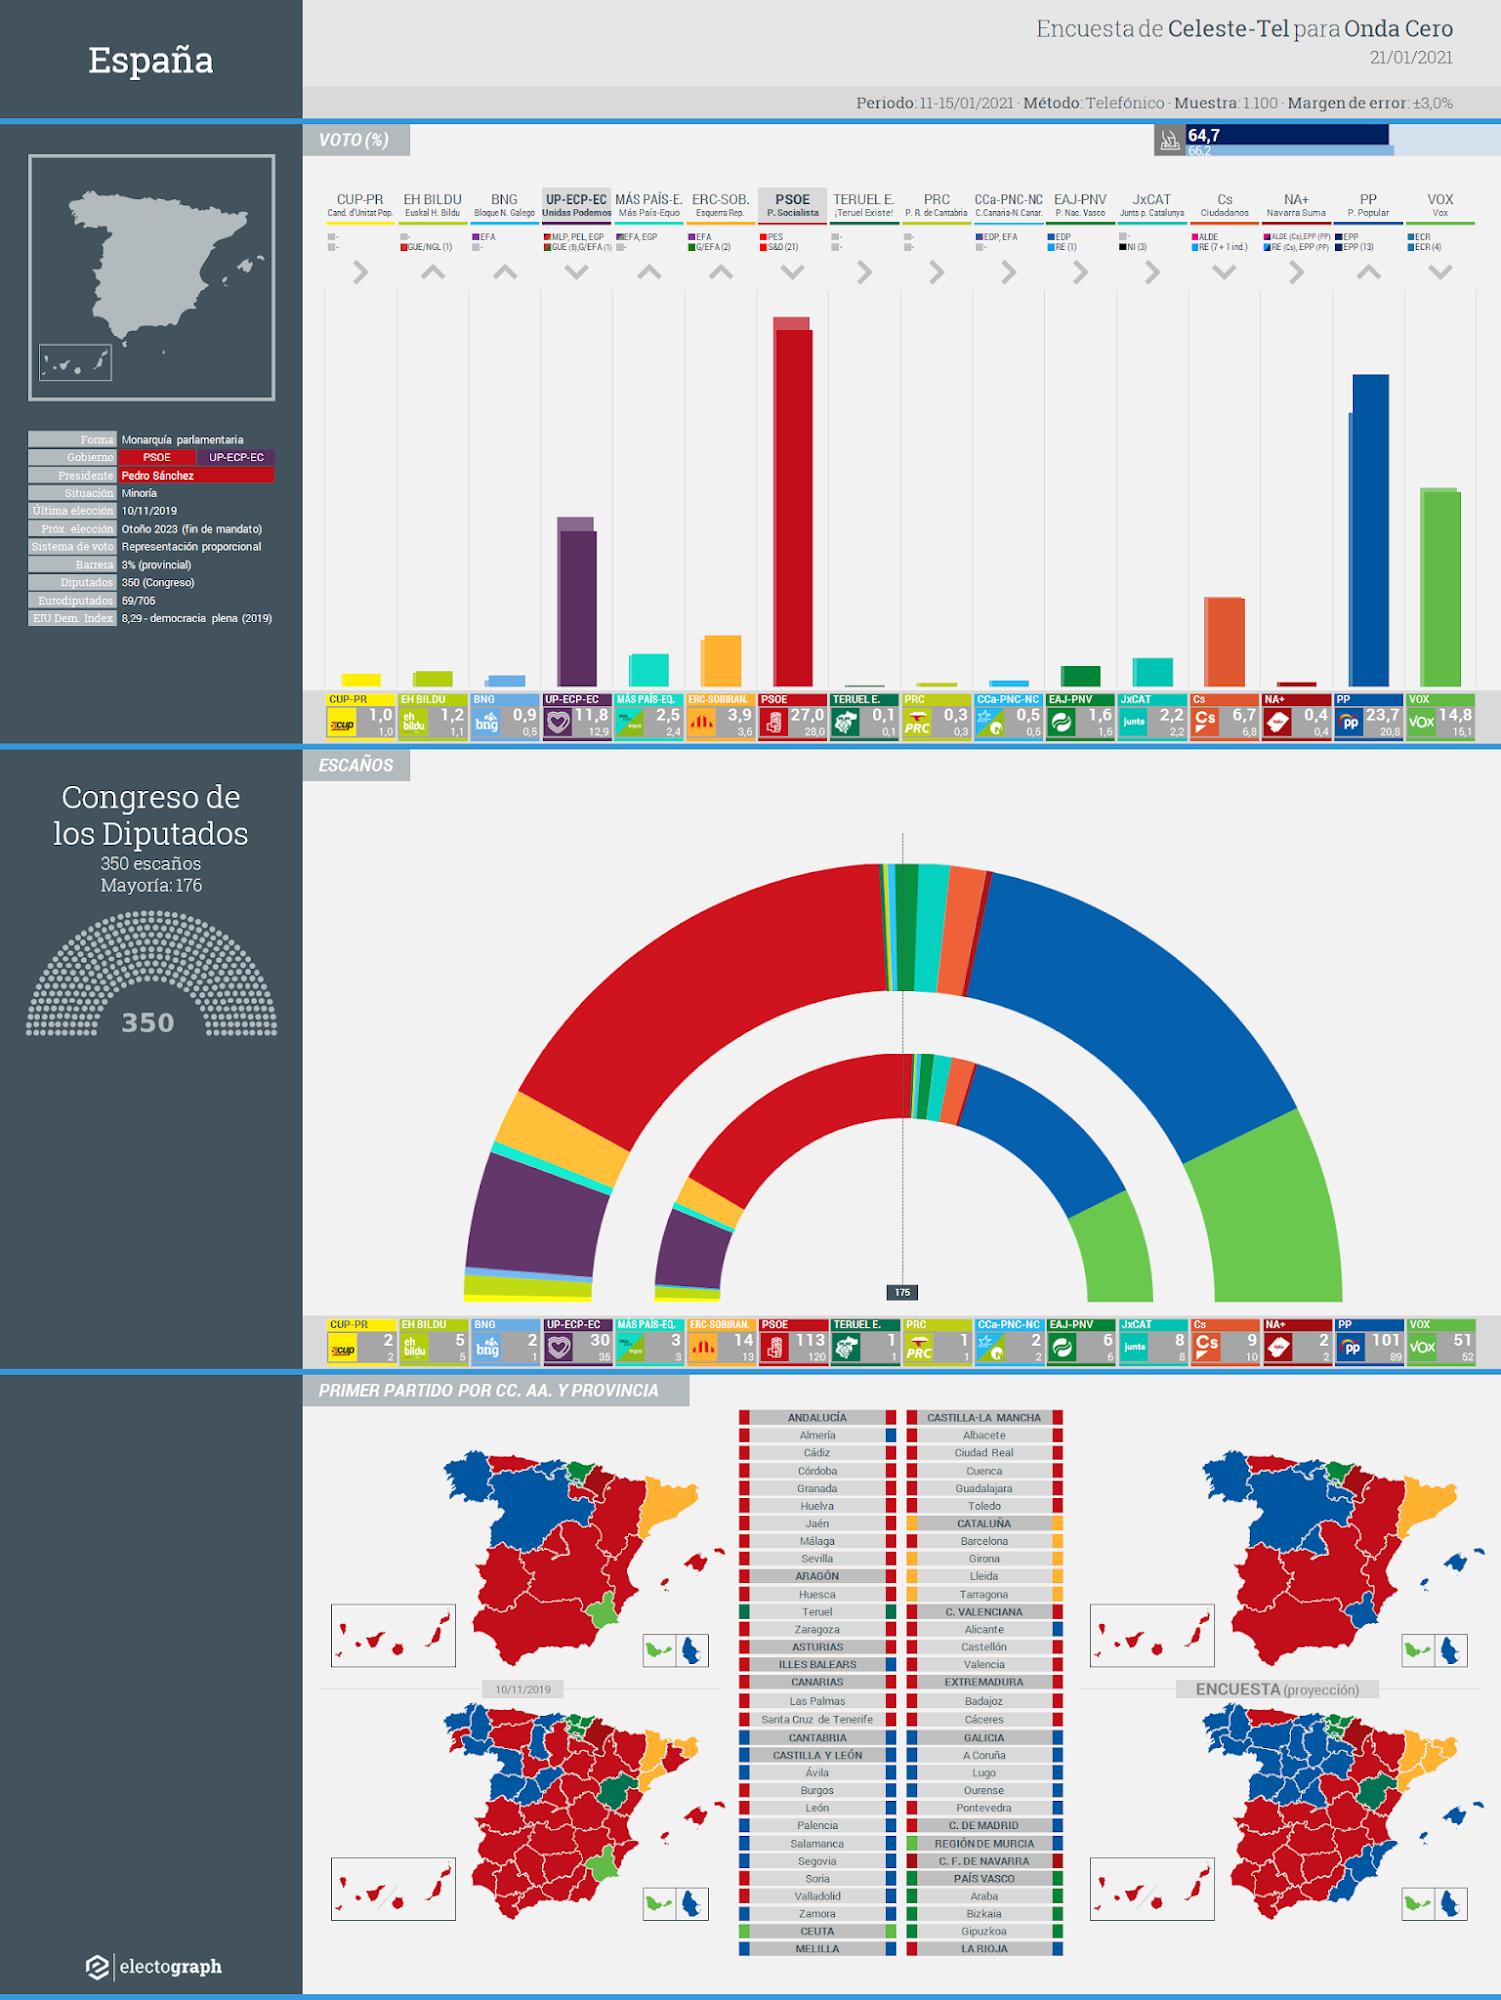 Gráfico de la encuesta para elecciones generales en España realizada por Celeste-Tel para Onda Cero, 21 de enero de 2021